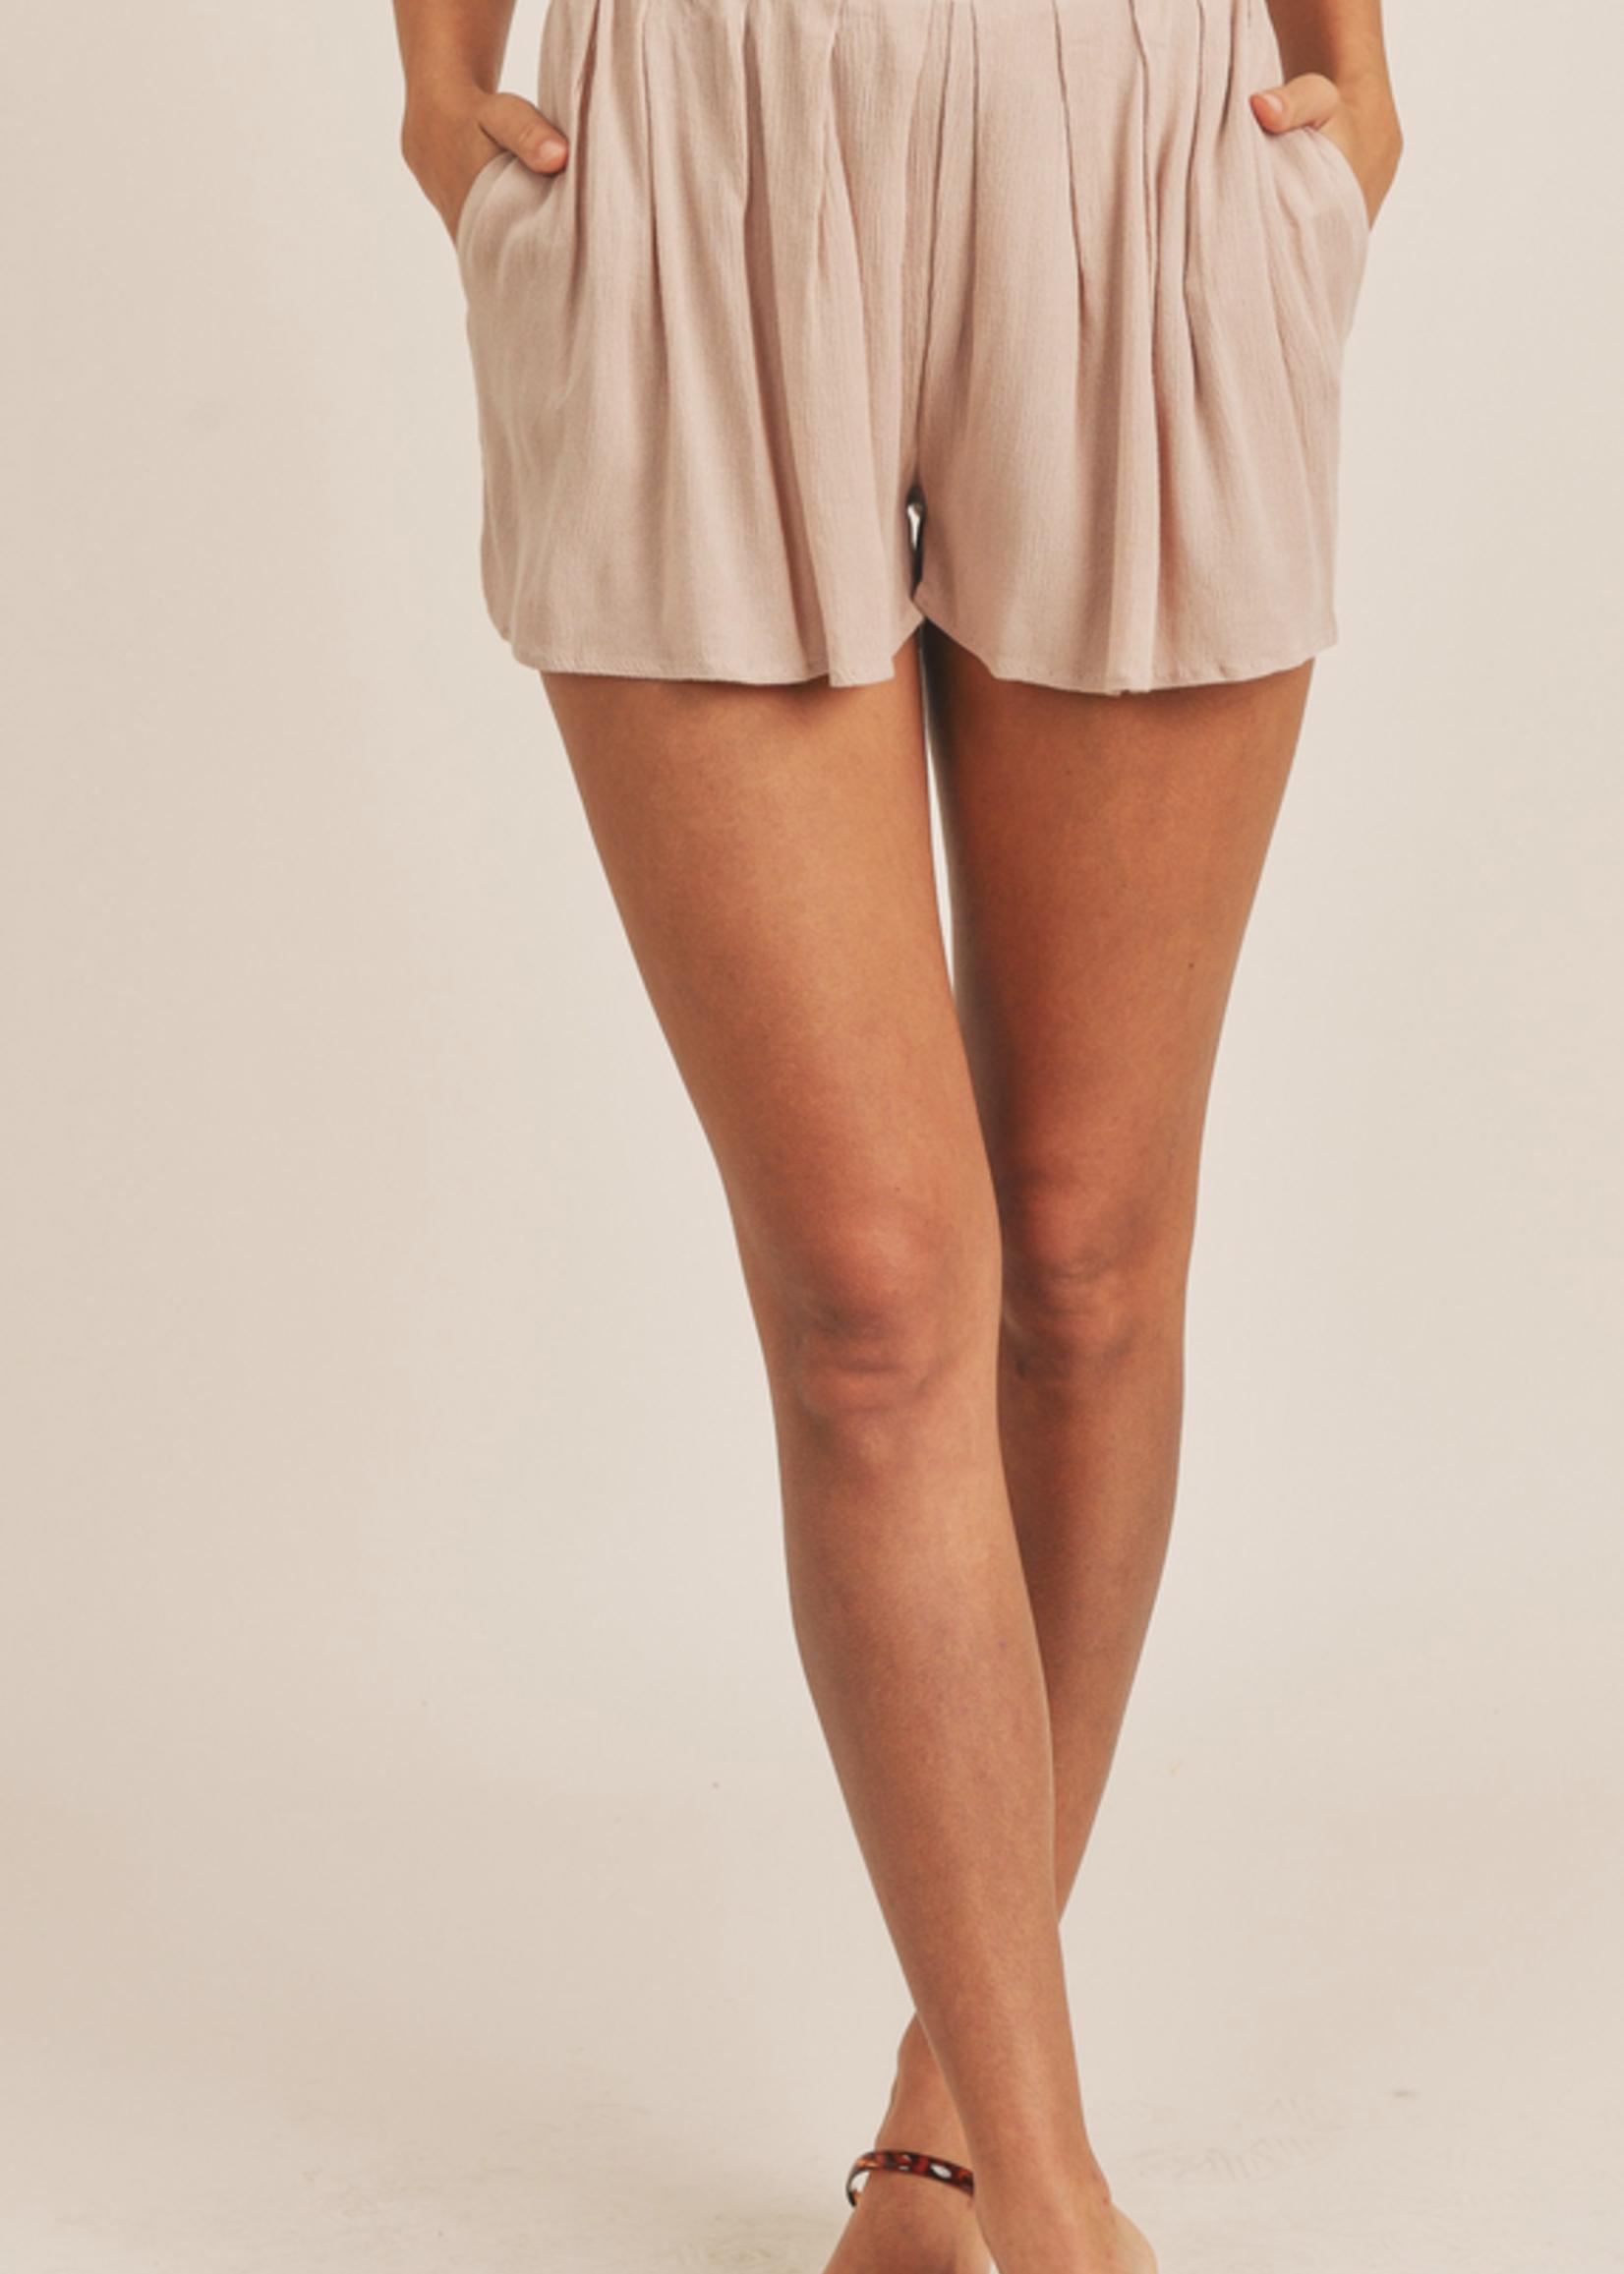 mable morgan shorts